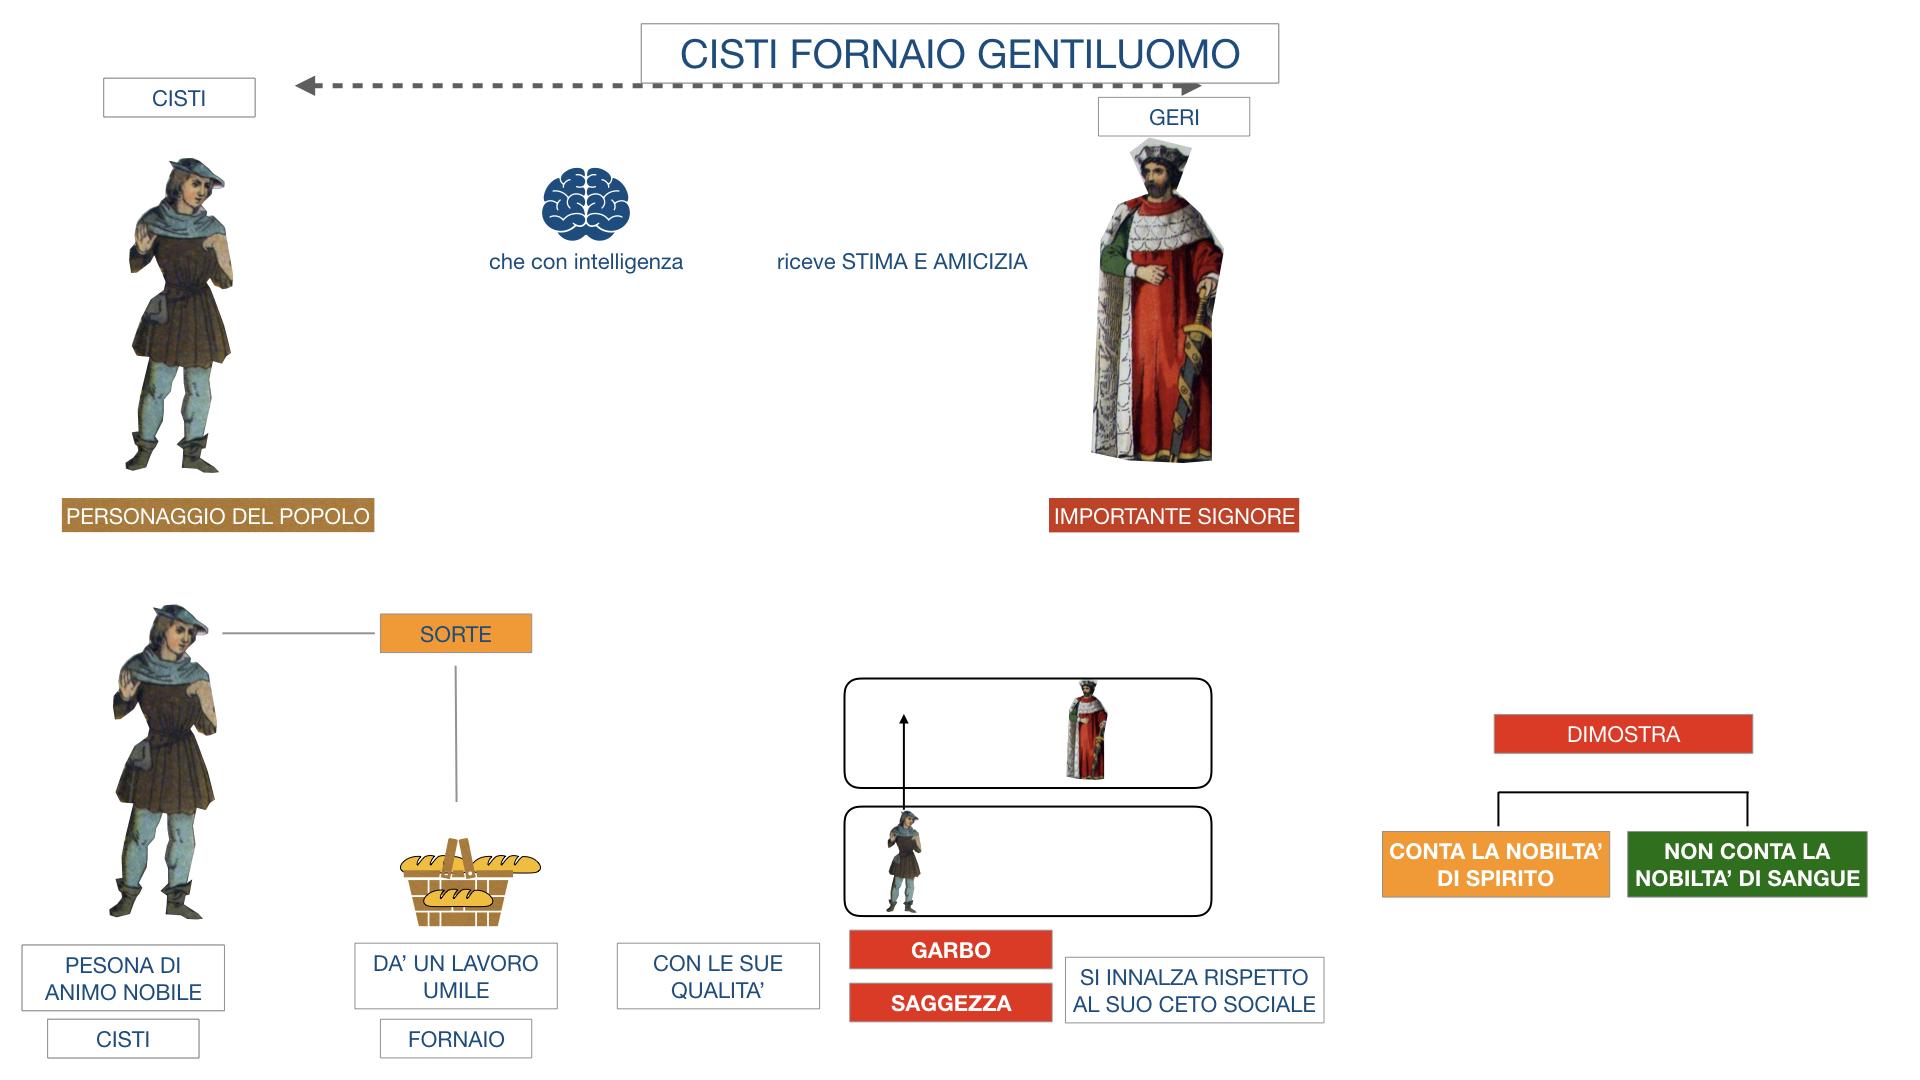 CISTI IL FORNAIO_SIMULAZIONE .017